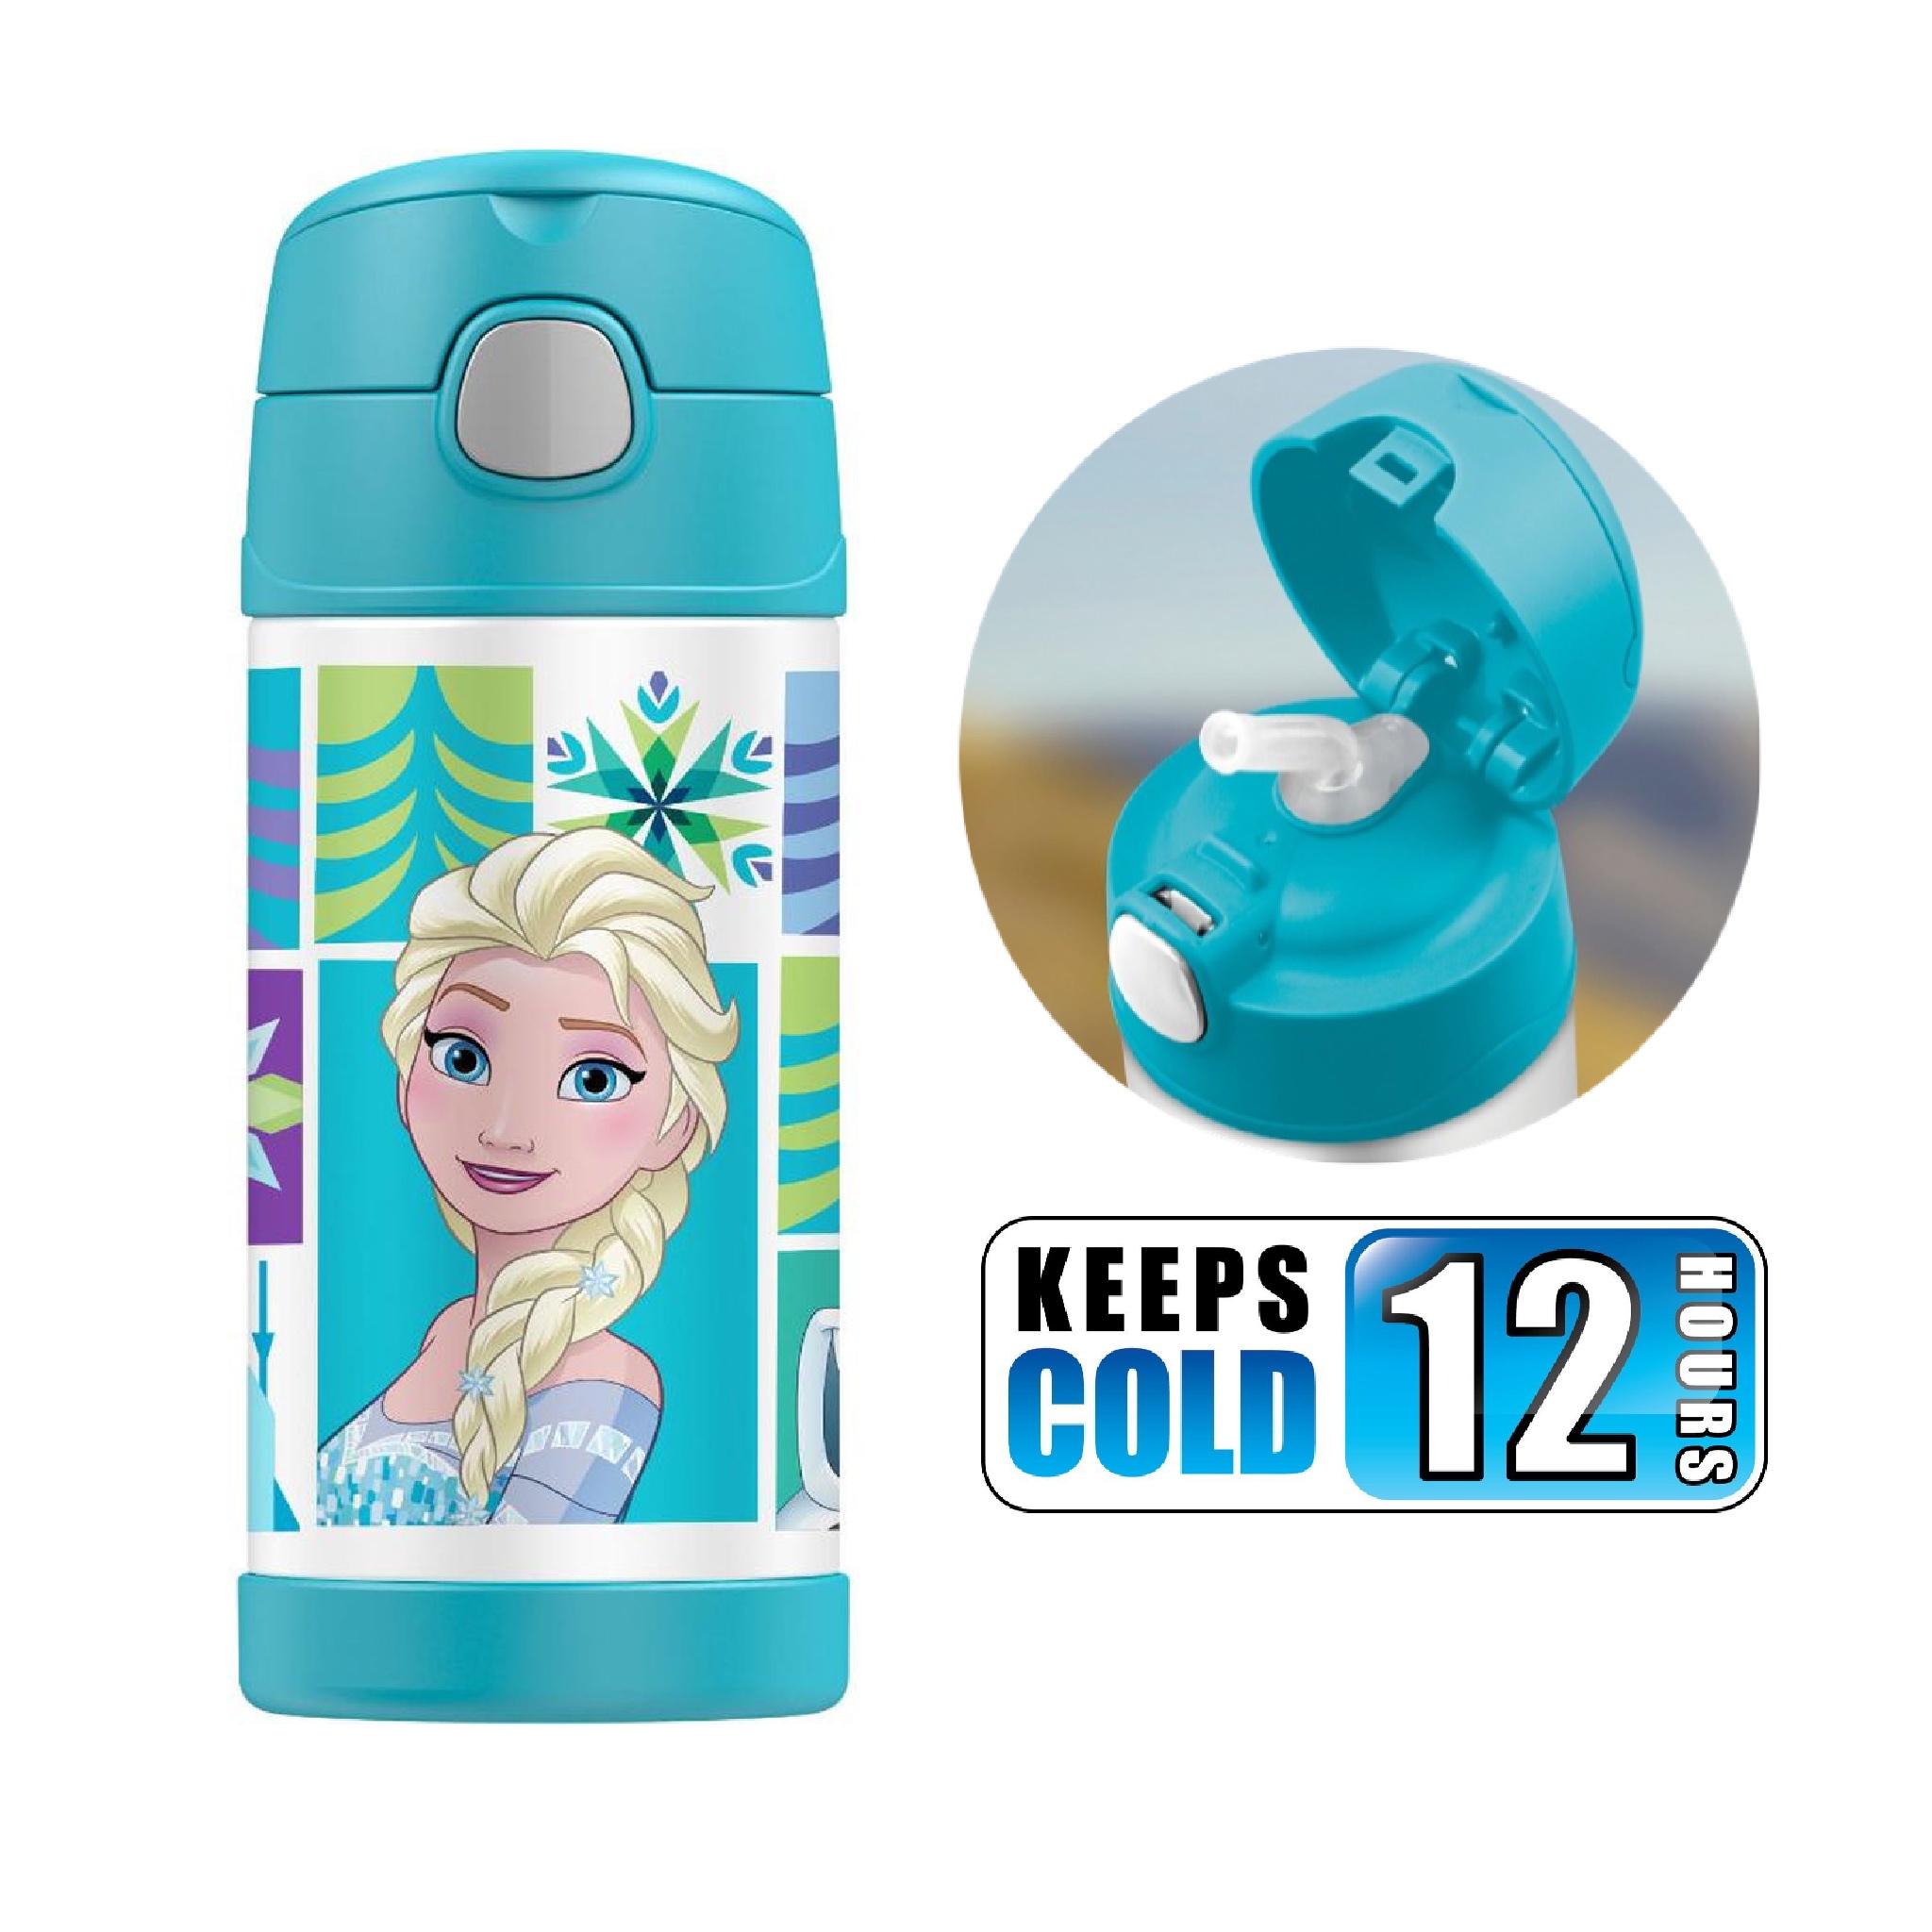 กระติกน้ำสเตนเลสรักษาอุณหภูมิ Thermos FUNtainer Vacuum Insulated Stainless Steel Bottle 12OZ (Frozen Aqua2)